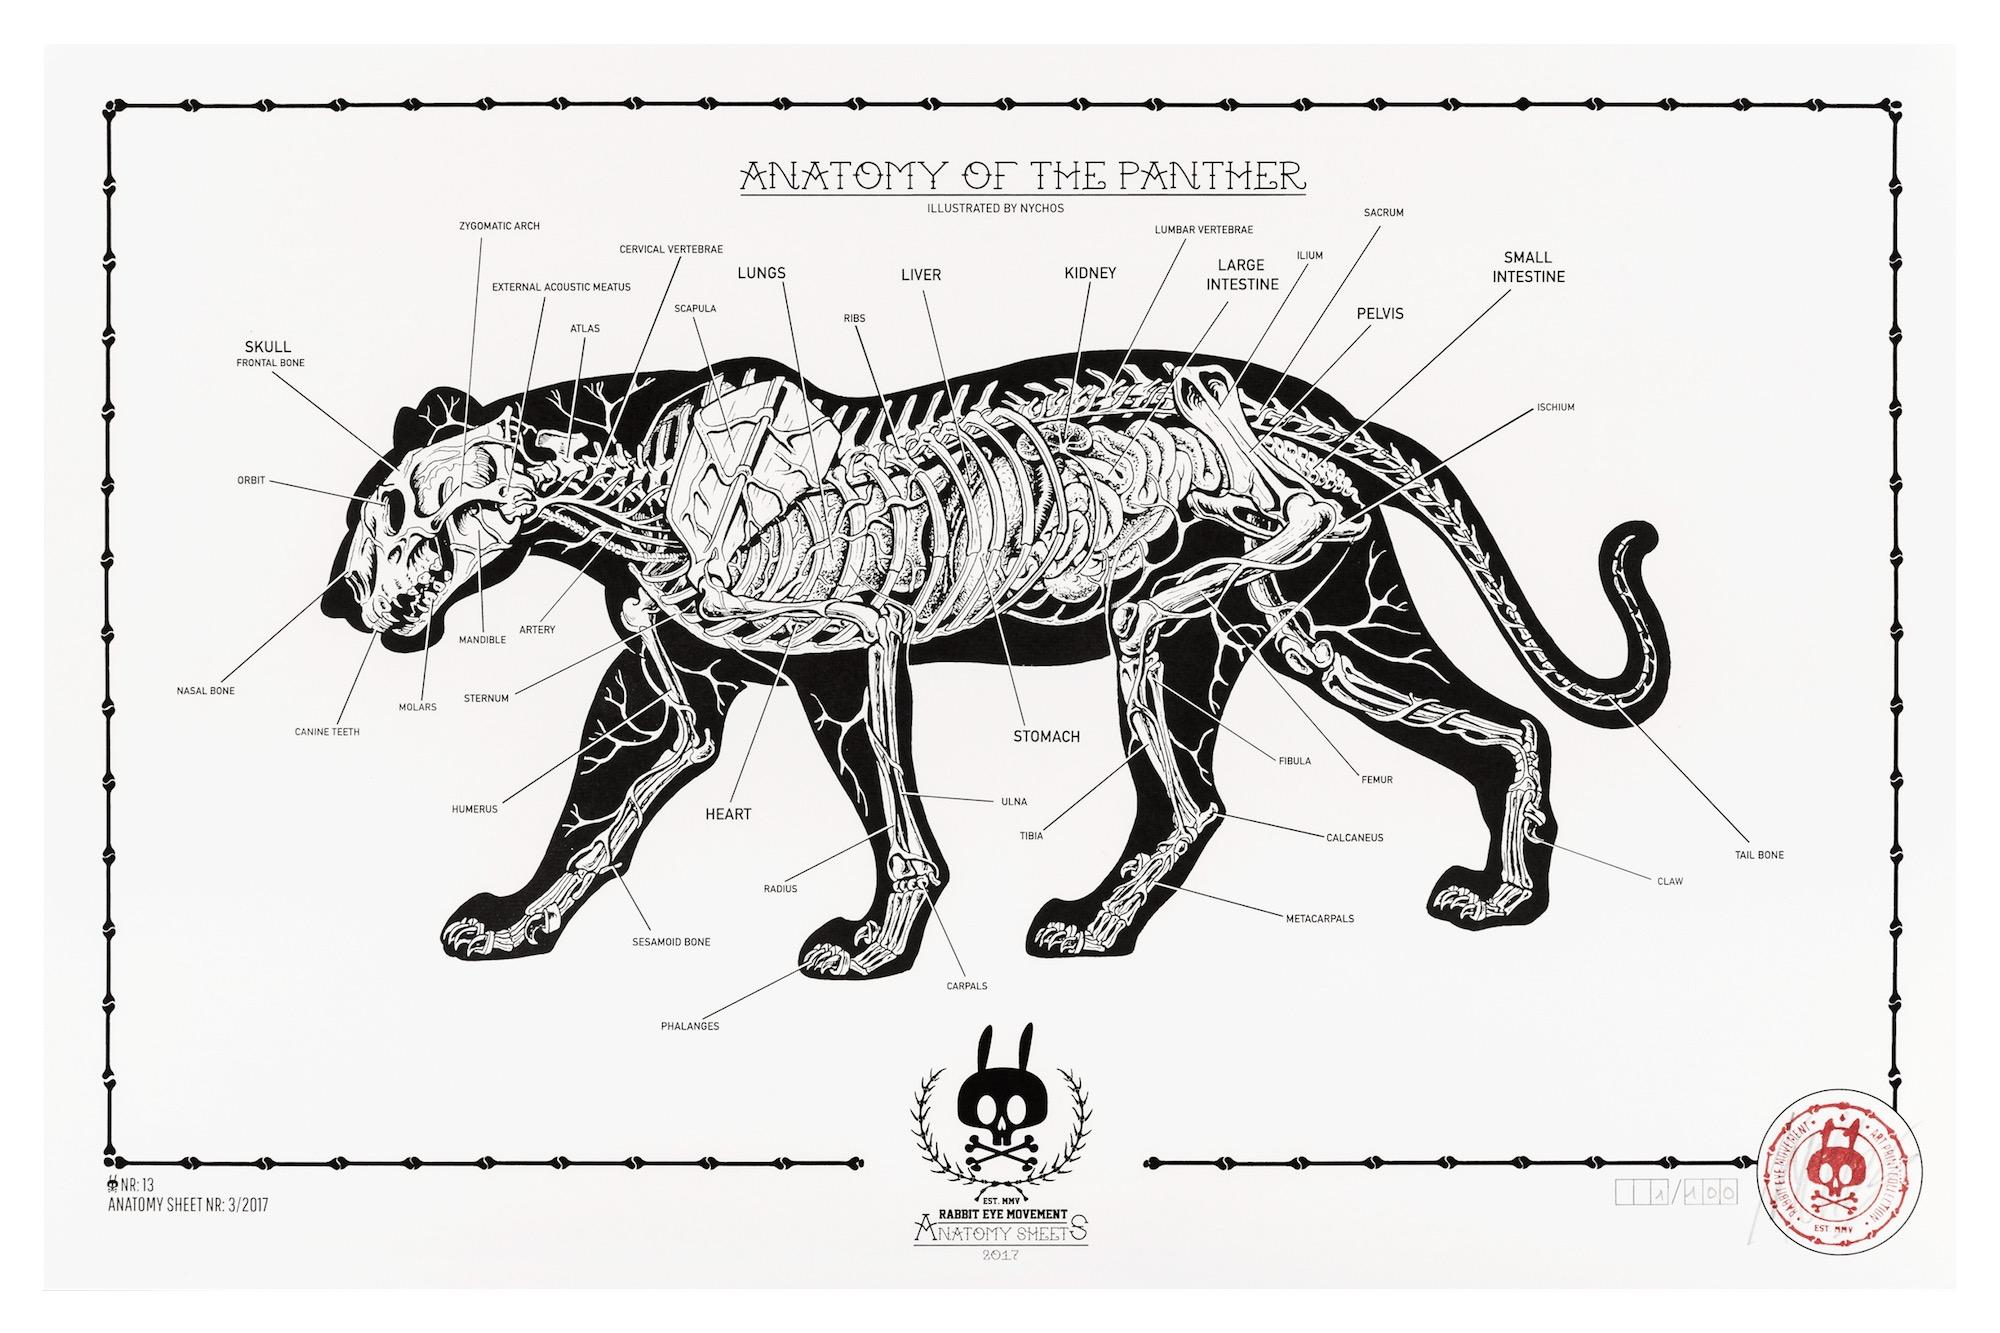 bear skull diagram 7 pin round wiring anatomy of the panther sheet no 13 rabbit eye